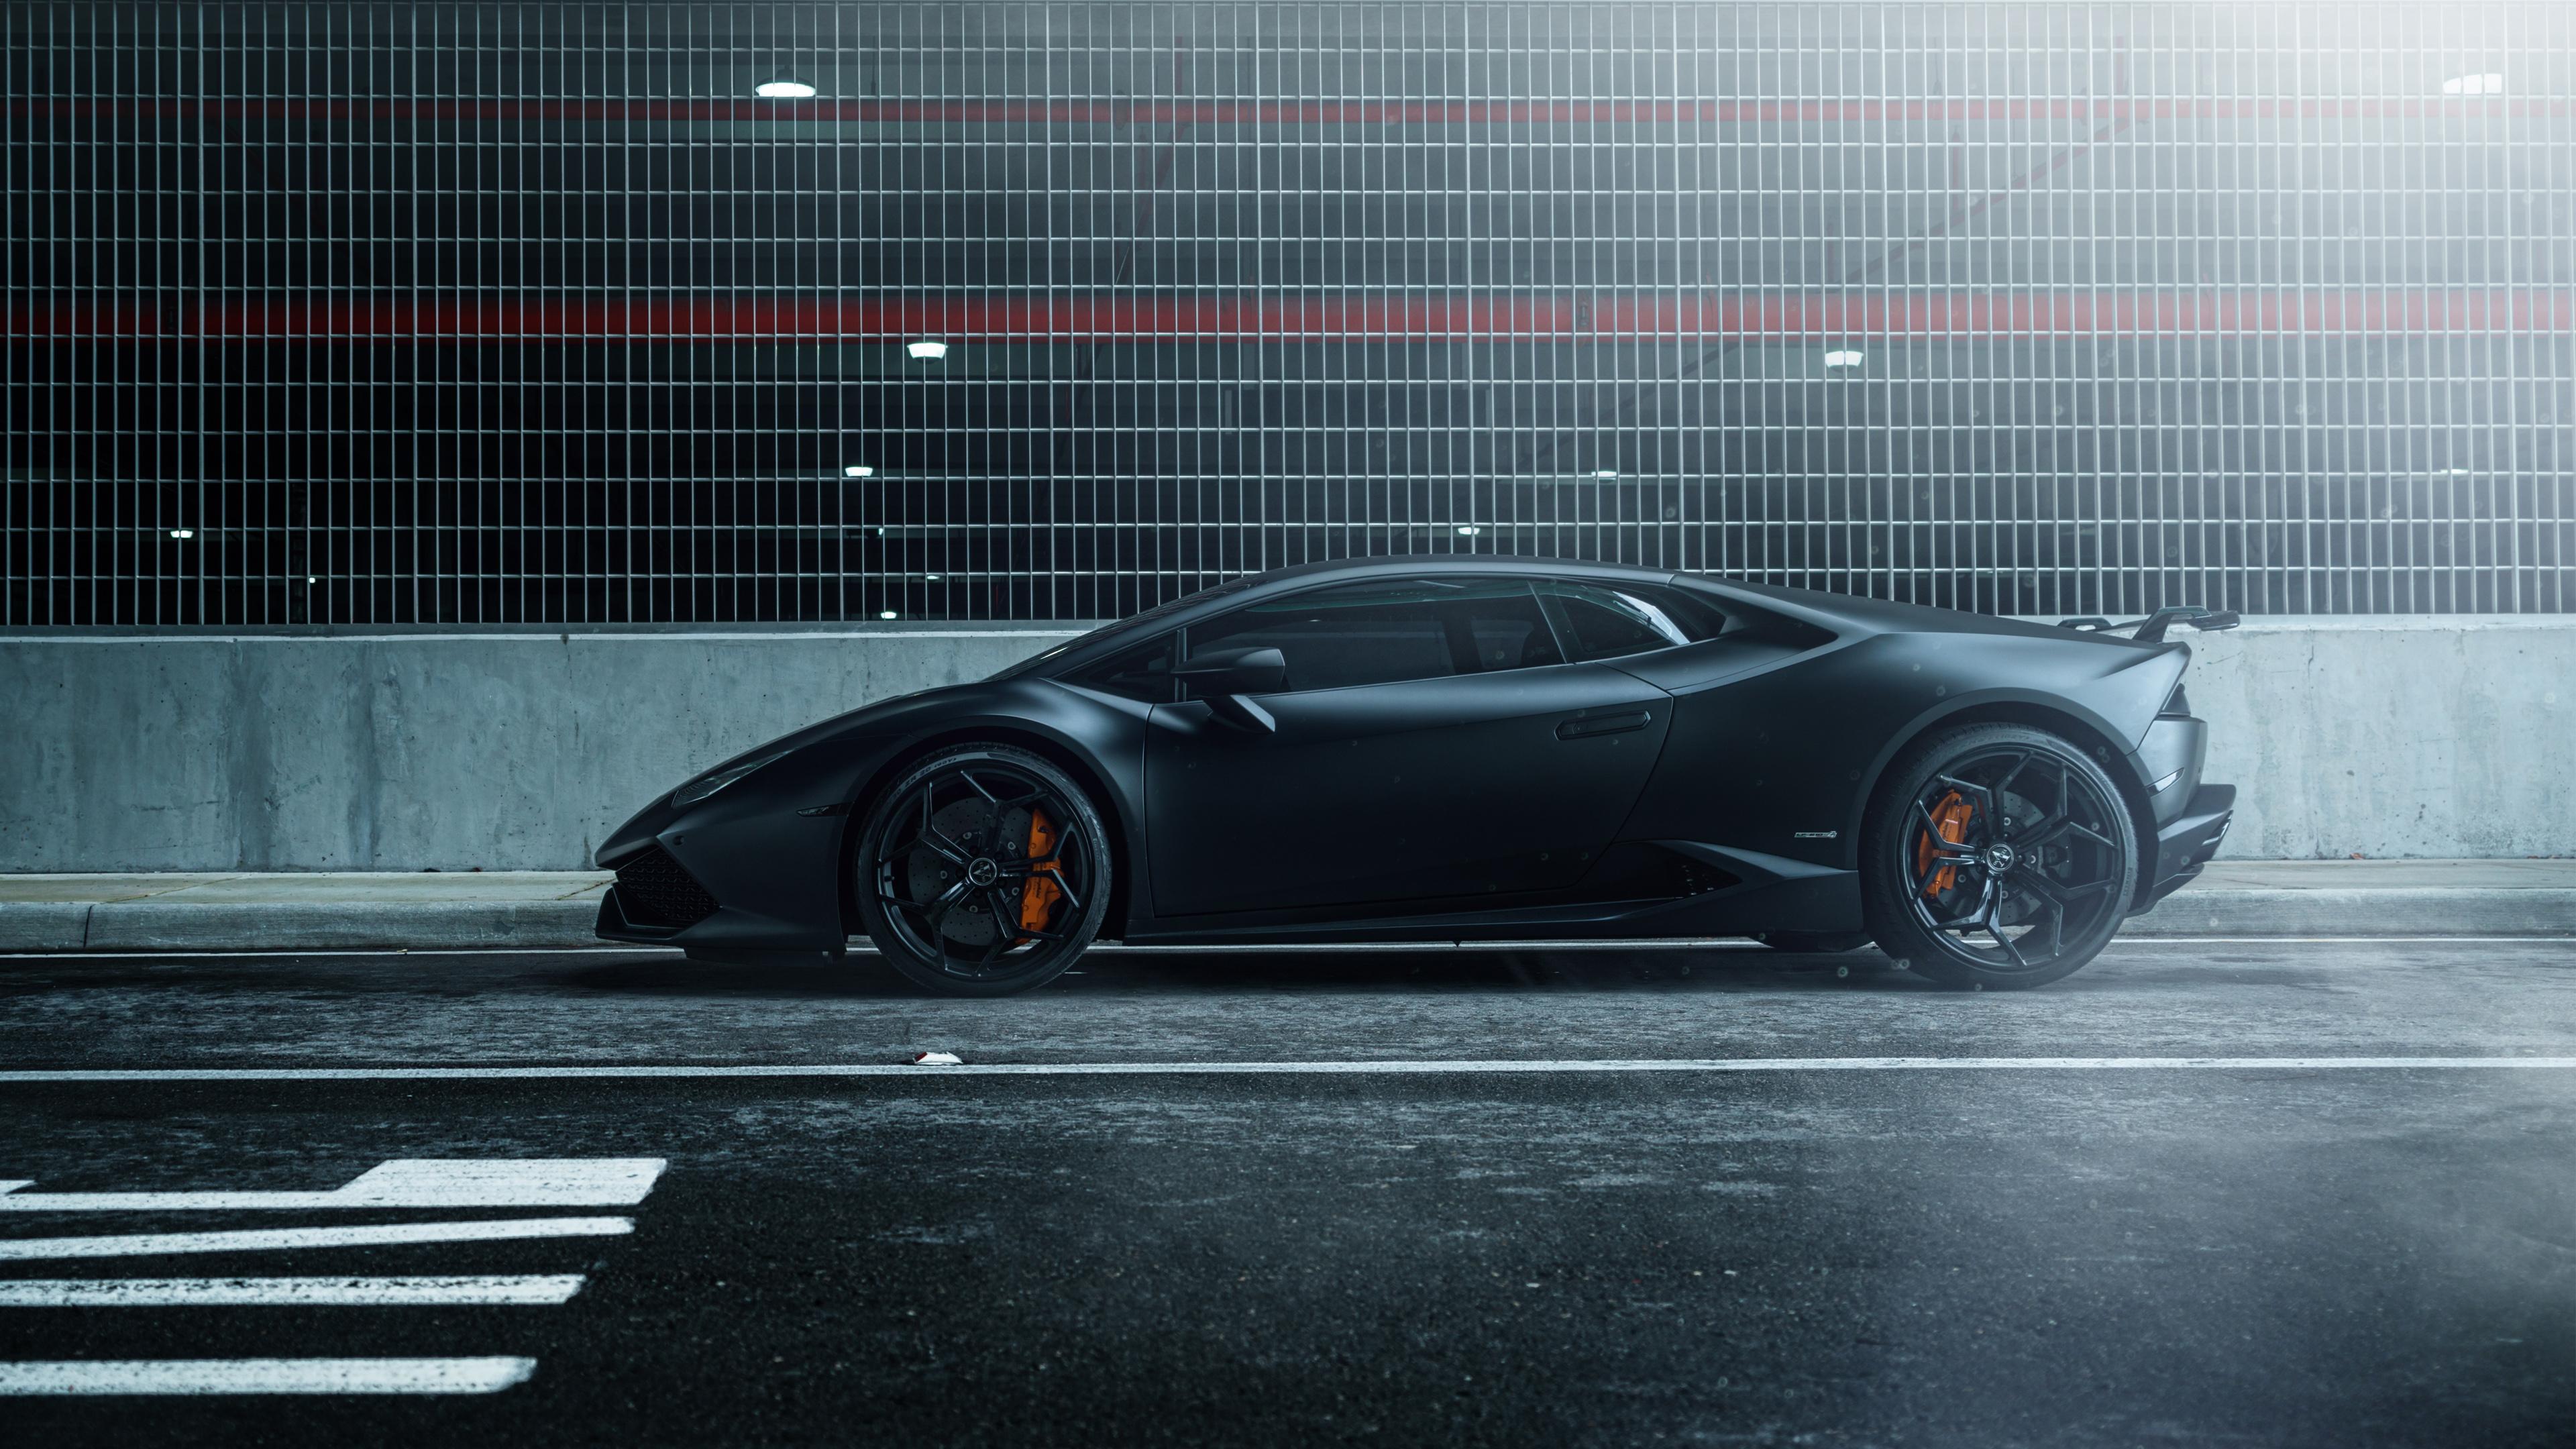 Lamborghini Huracan Vellano MC Matte Black 4K